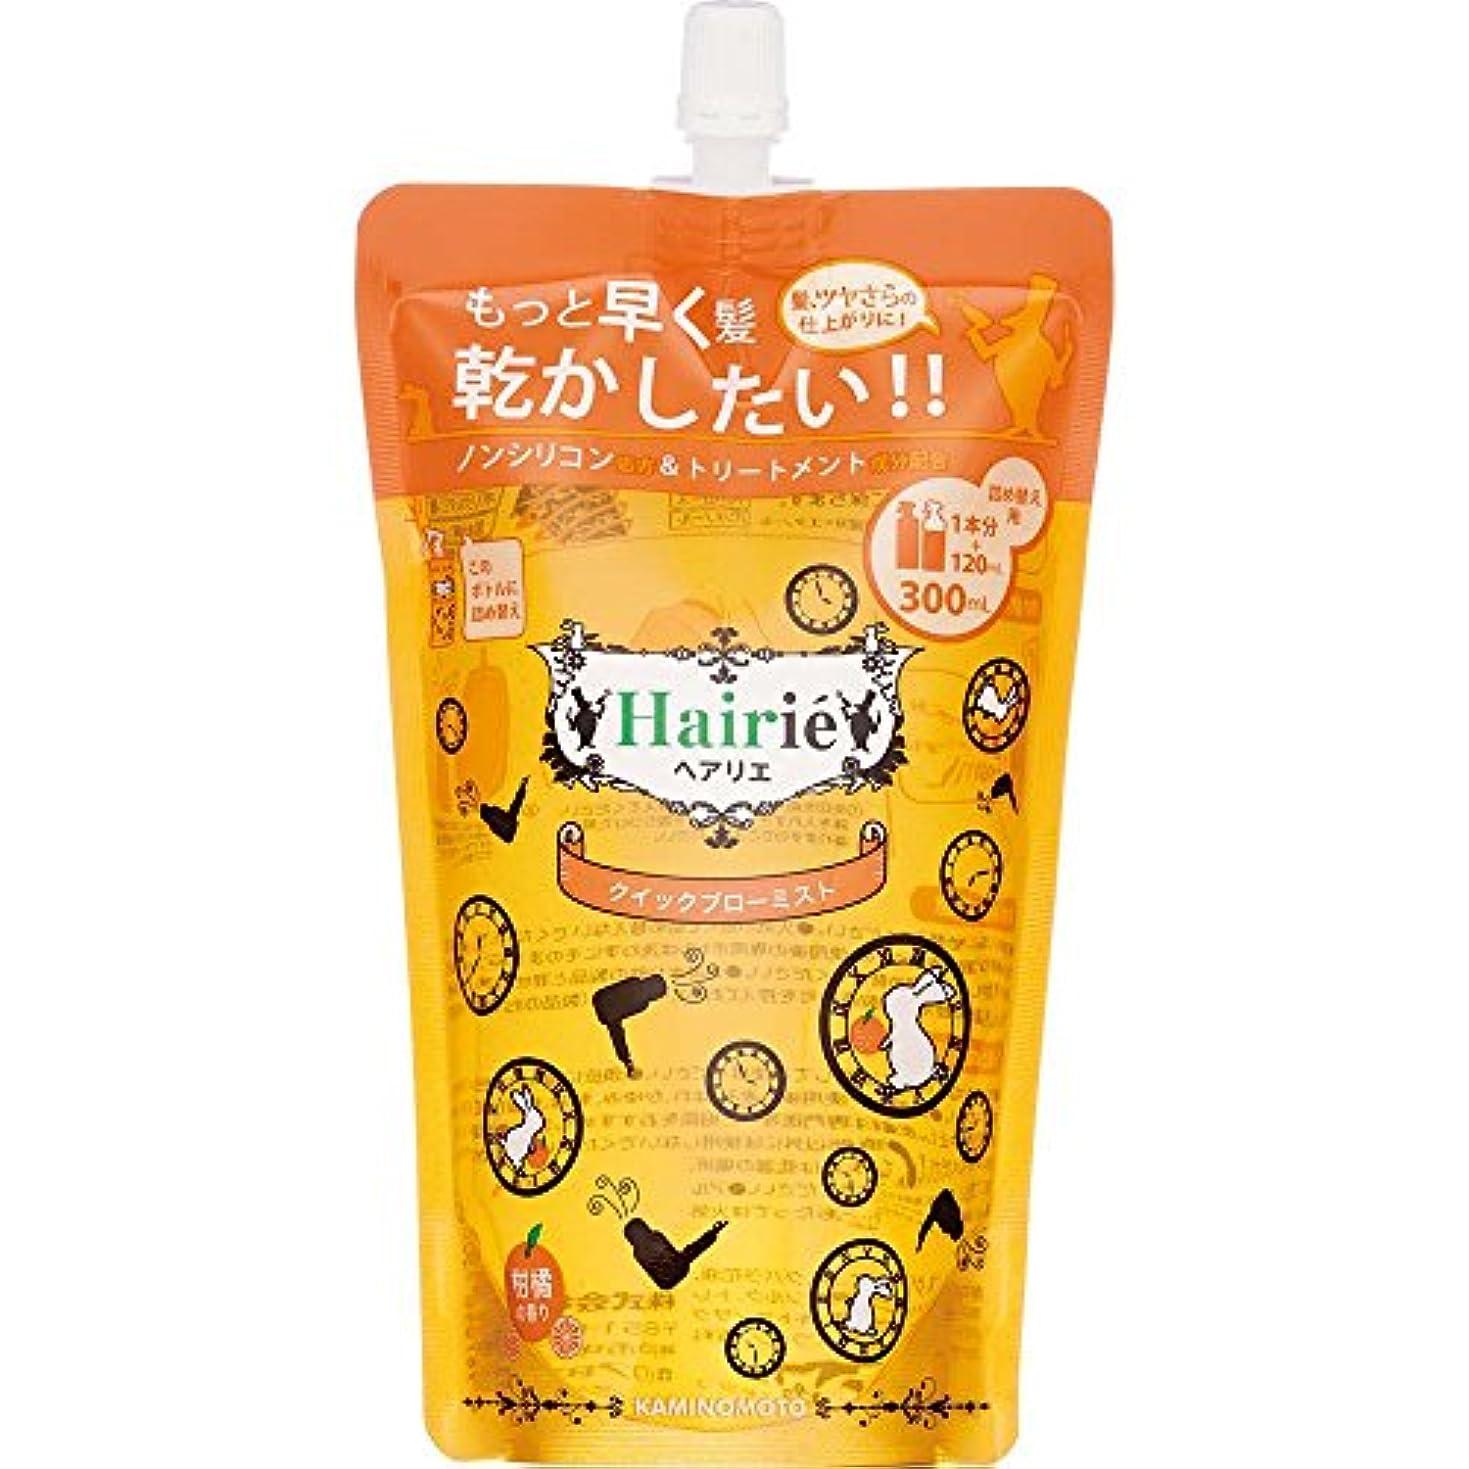 広げるわがまま新しい意味ヘアリエ クイックブローミスト 柑橘の香り 詰め替え 300mL